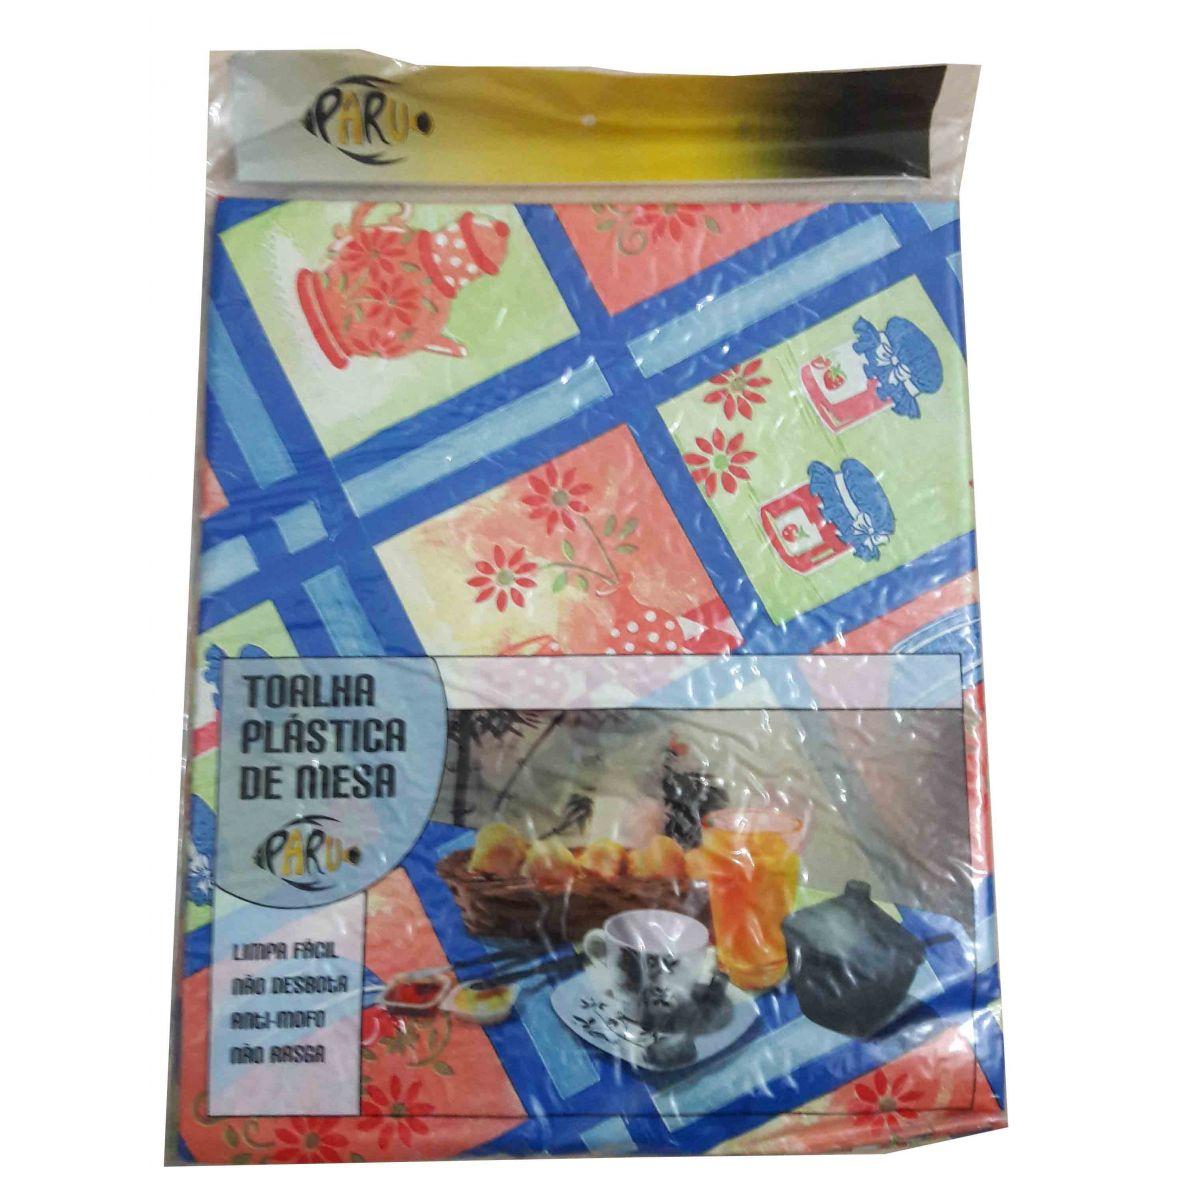 Toalha de mesa plástica flanelada Redonda 1,38X1,38 - Paraty